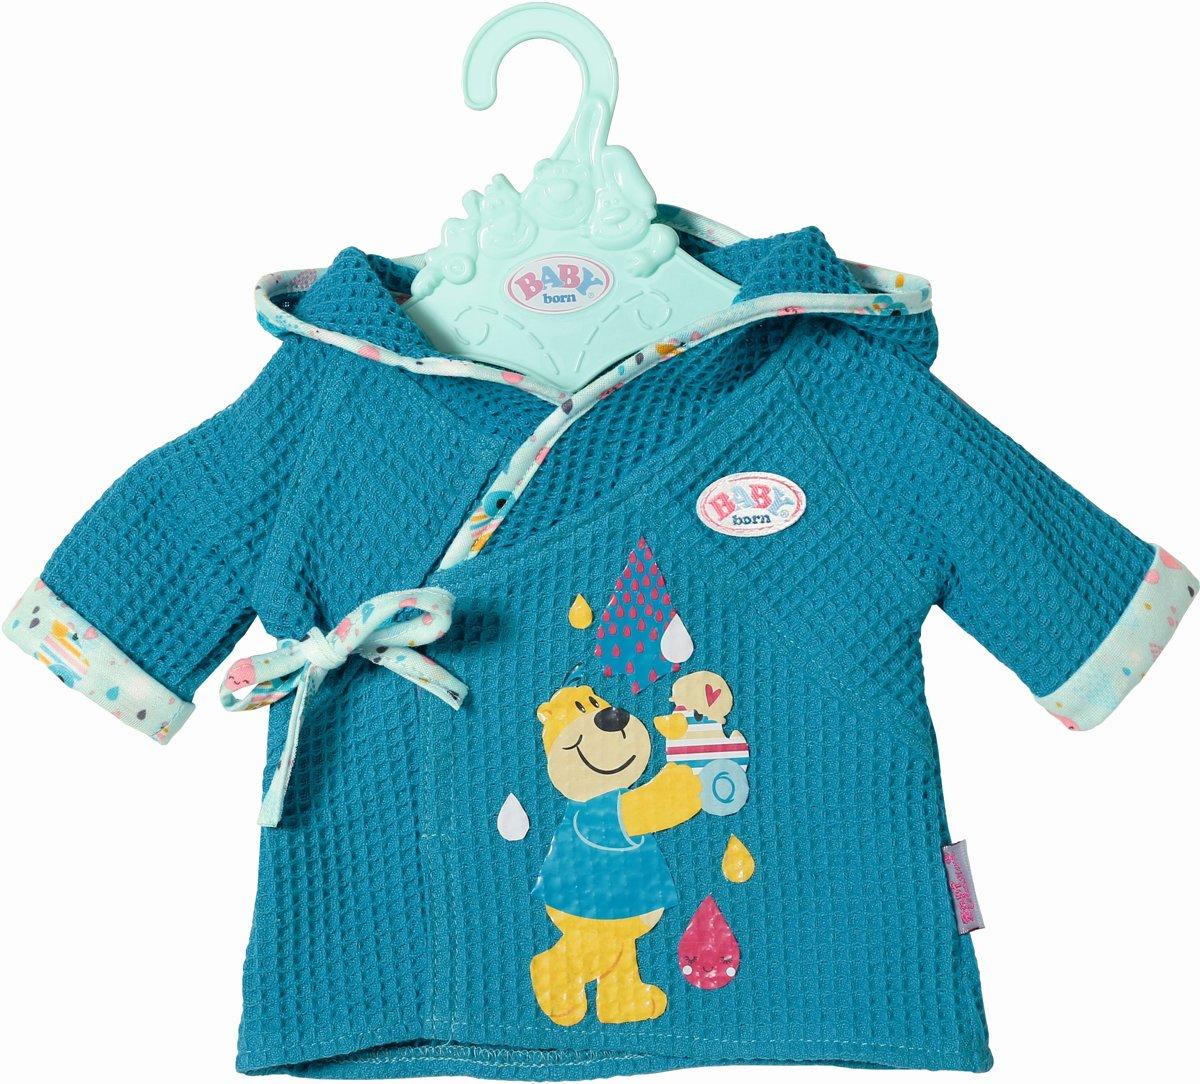 BABY born? Badjas: blauw